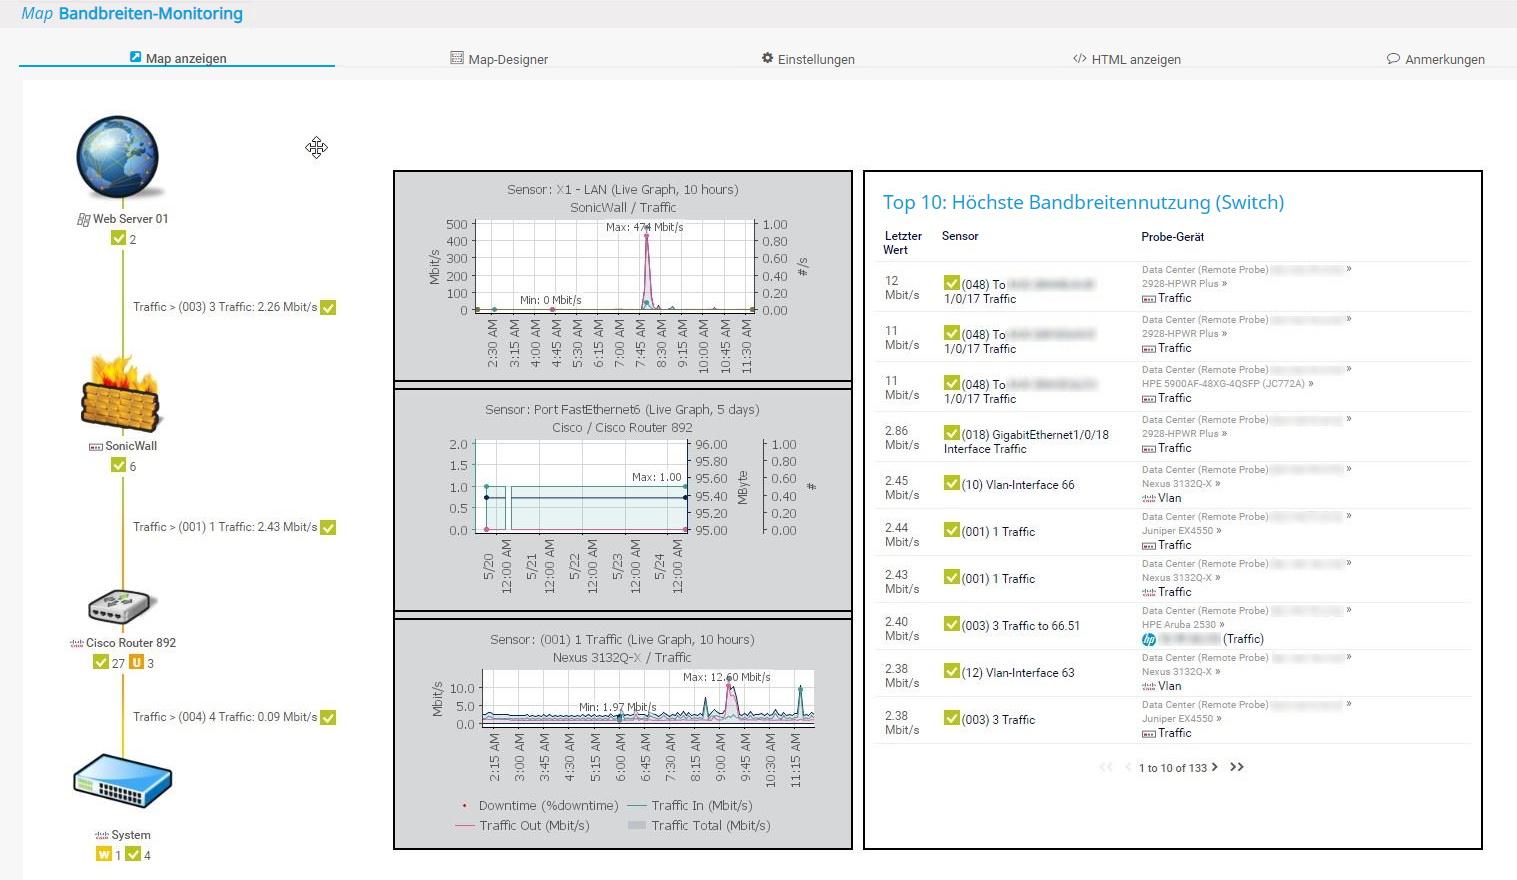 Visualisierung der Monitoring-Daten